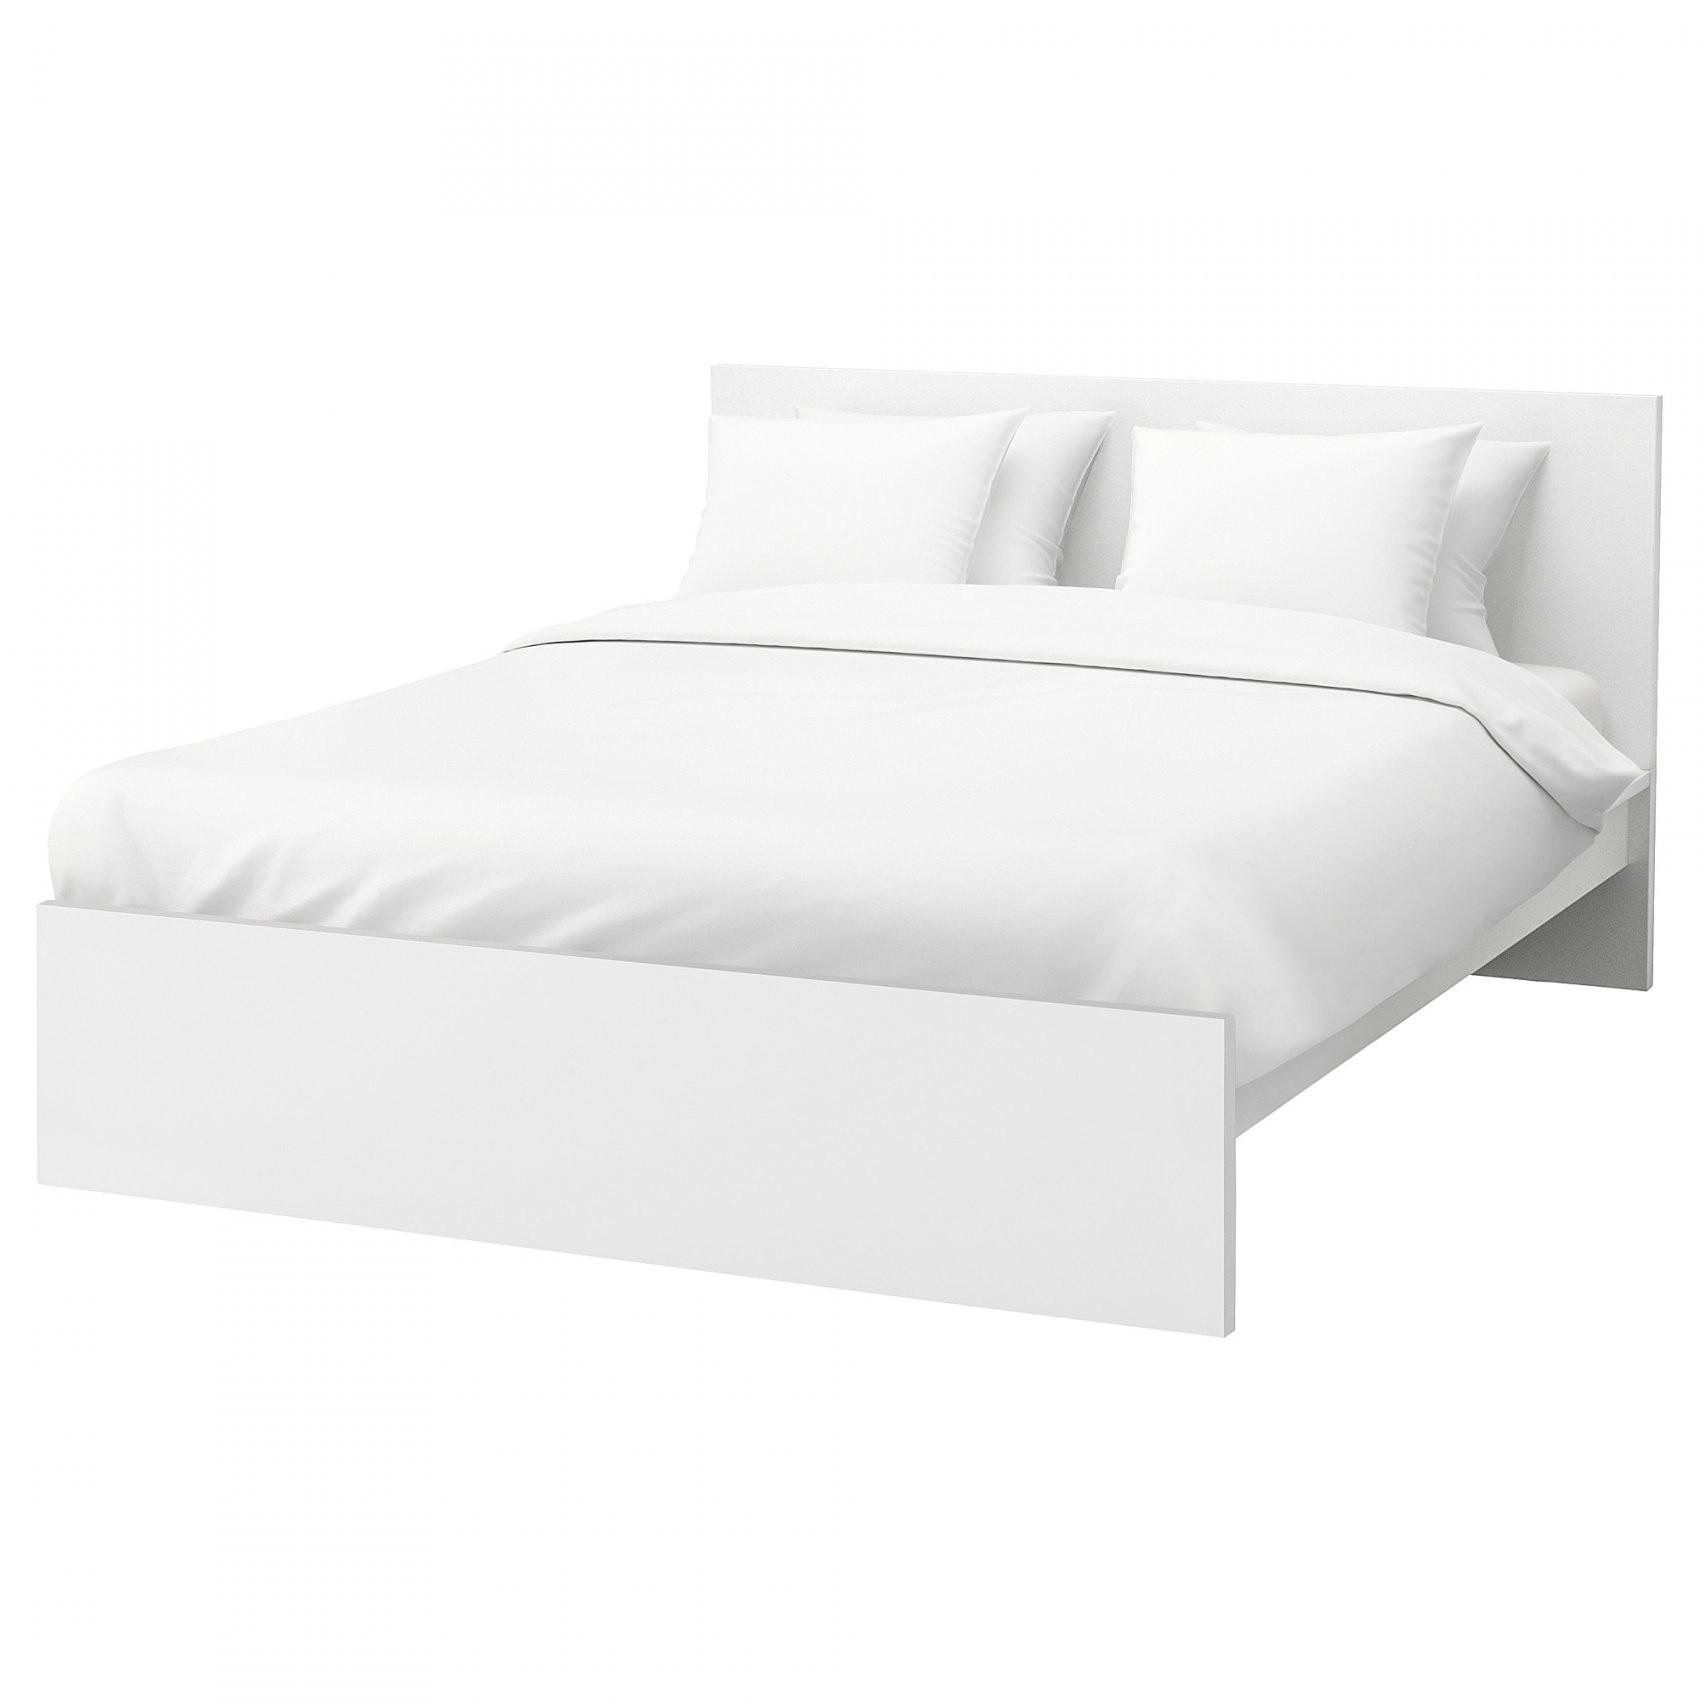 Malm Bettgestell Hoch  Weiß  Ikea von Ikea Bett 140X200 Holz Weiß Photo